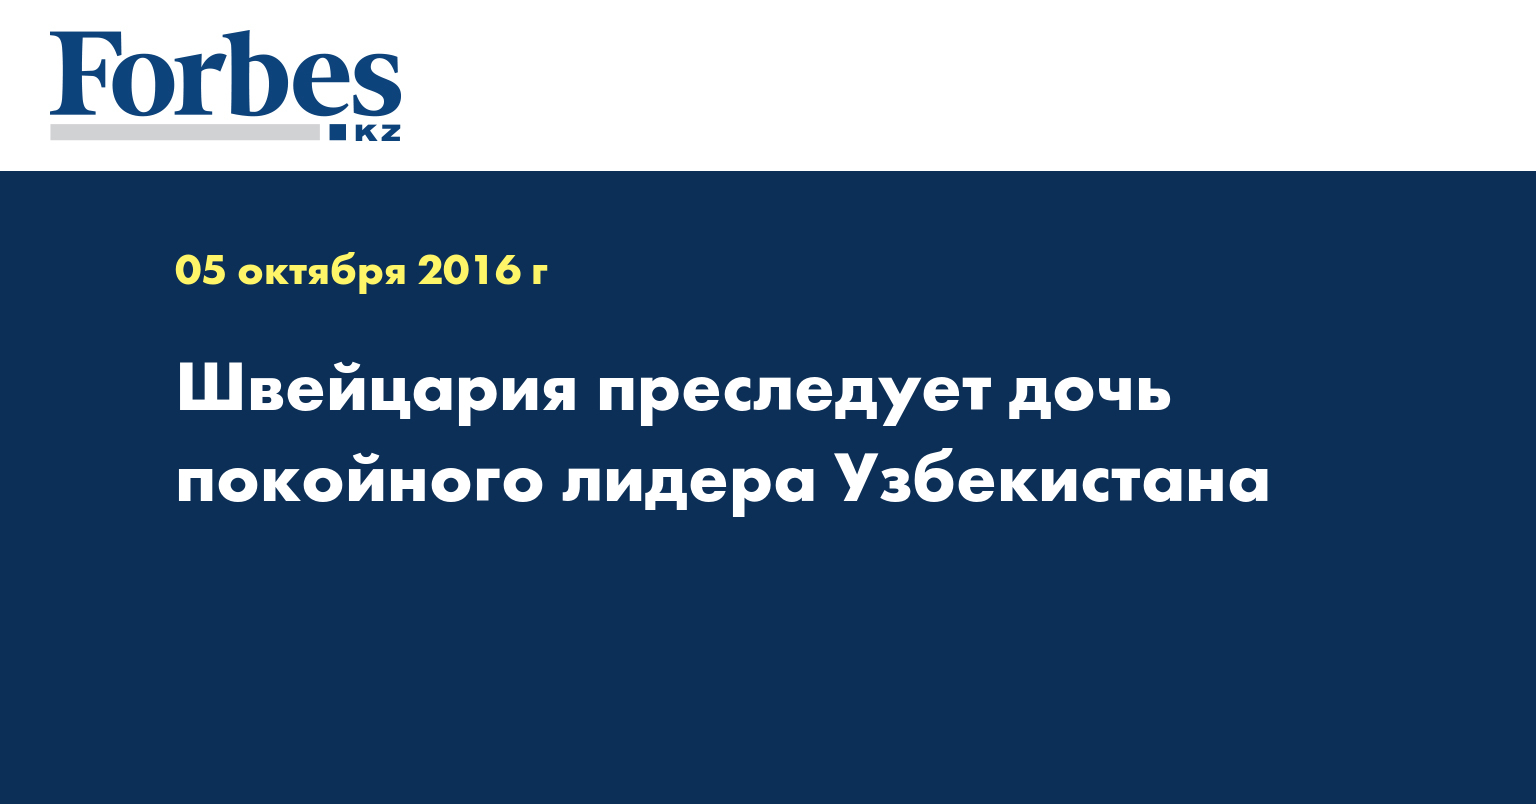 Швейцария преследует дочь покойного лидера Узбекистана